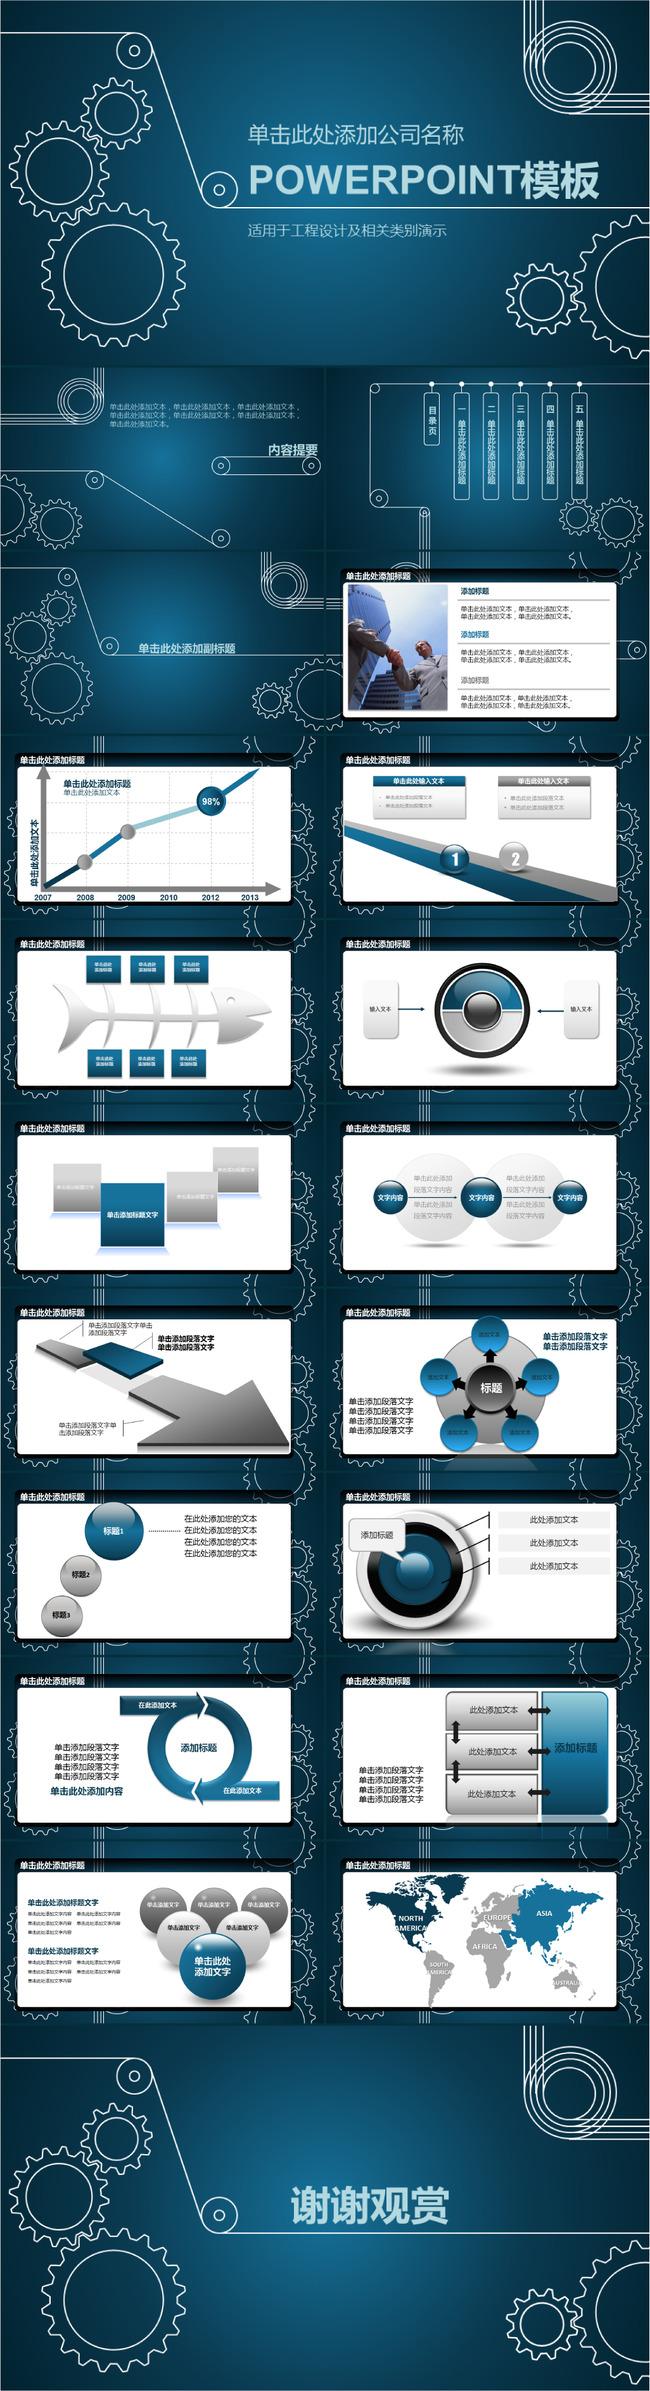 蓝色齿轮 线条 机械工程 设计 动态ppt 工业 生产